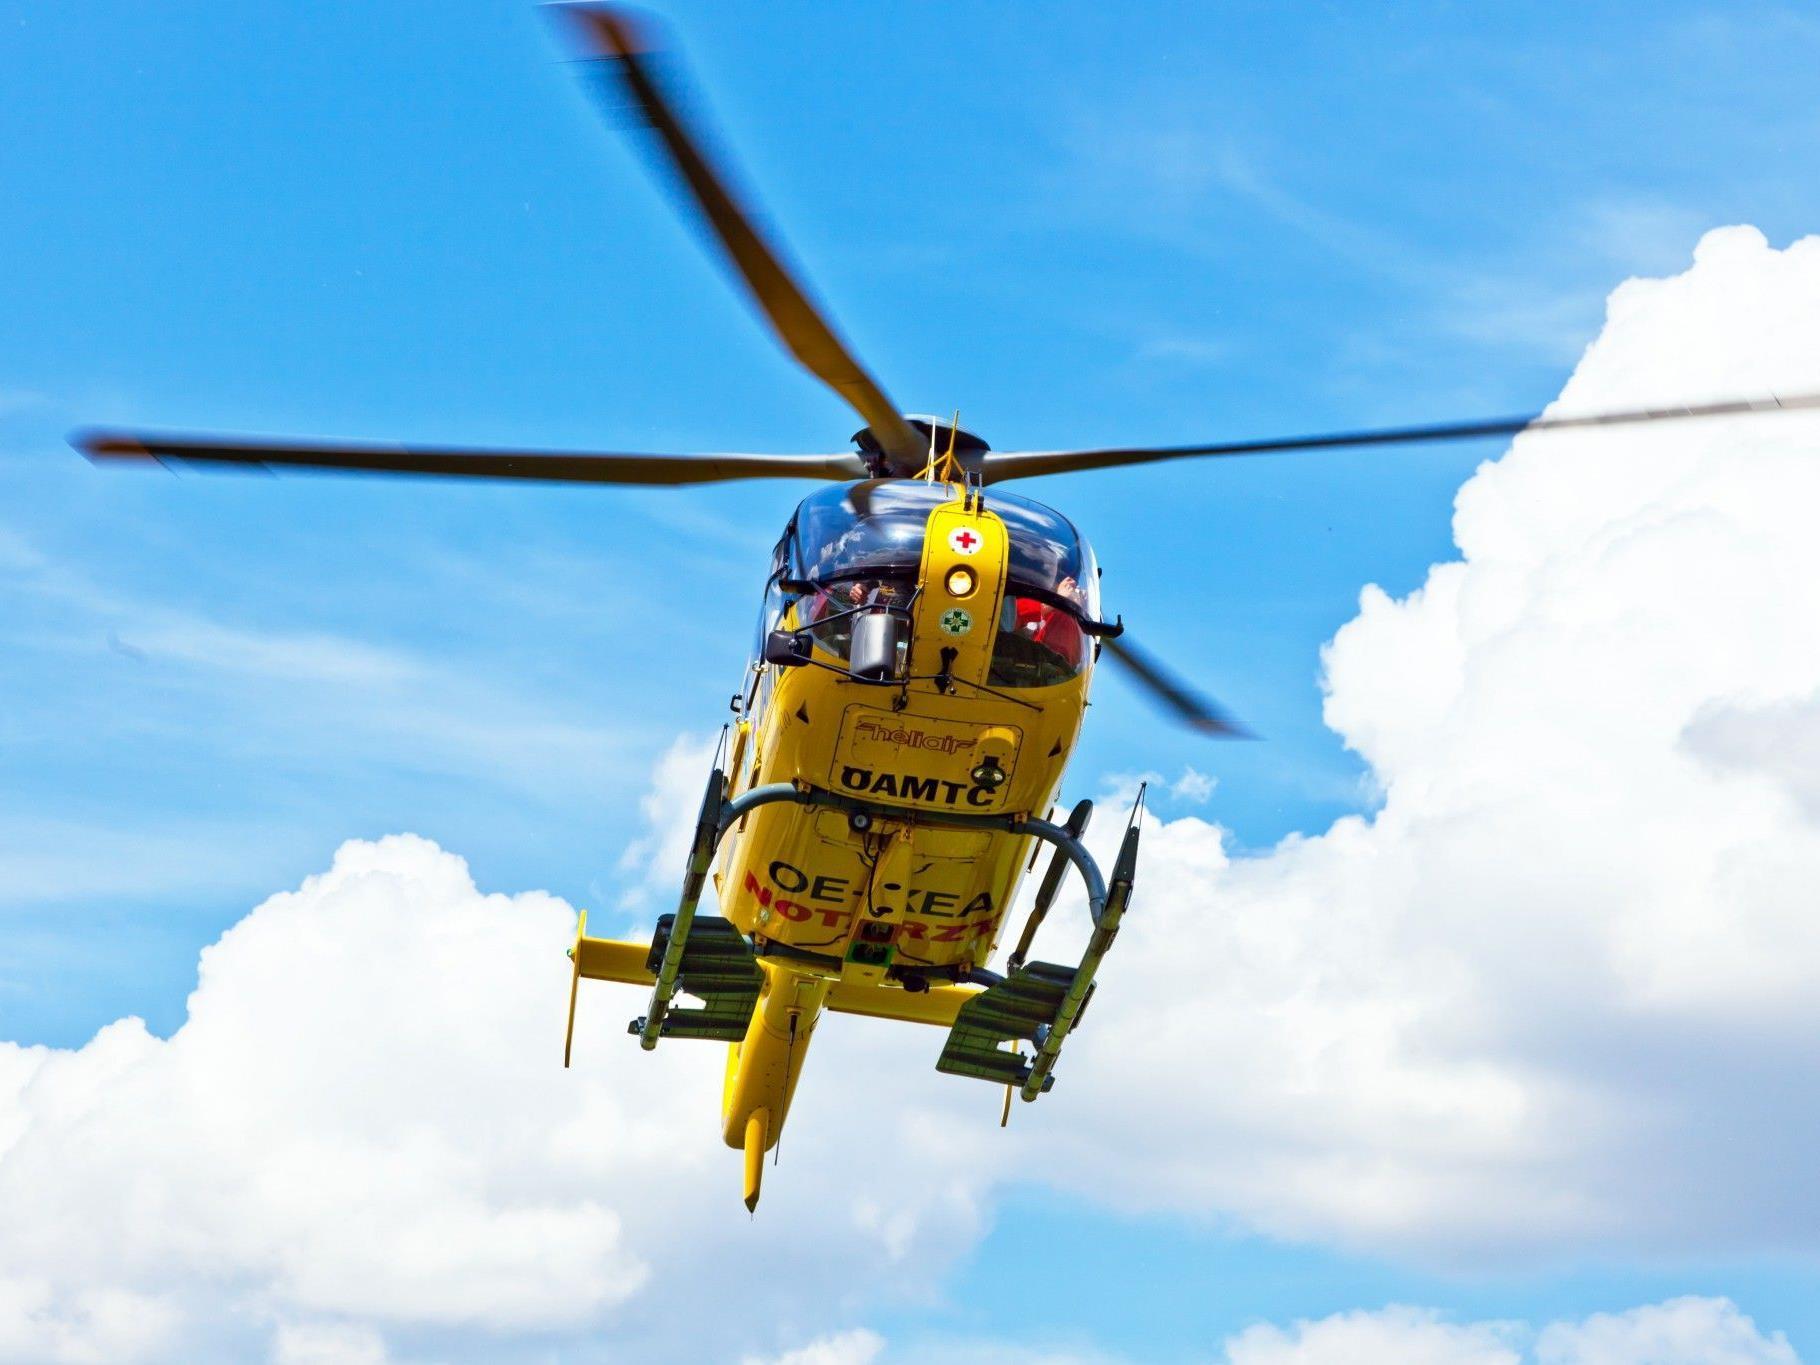 Altacher musste nach Alpinunfall ins Krankenhaus Dornbirn eingeliefert werden.